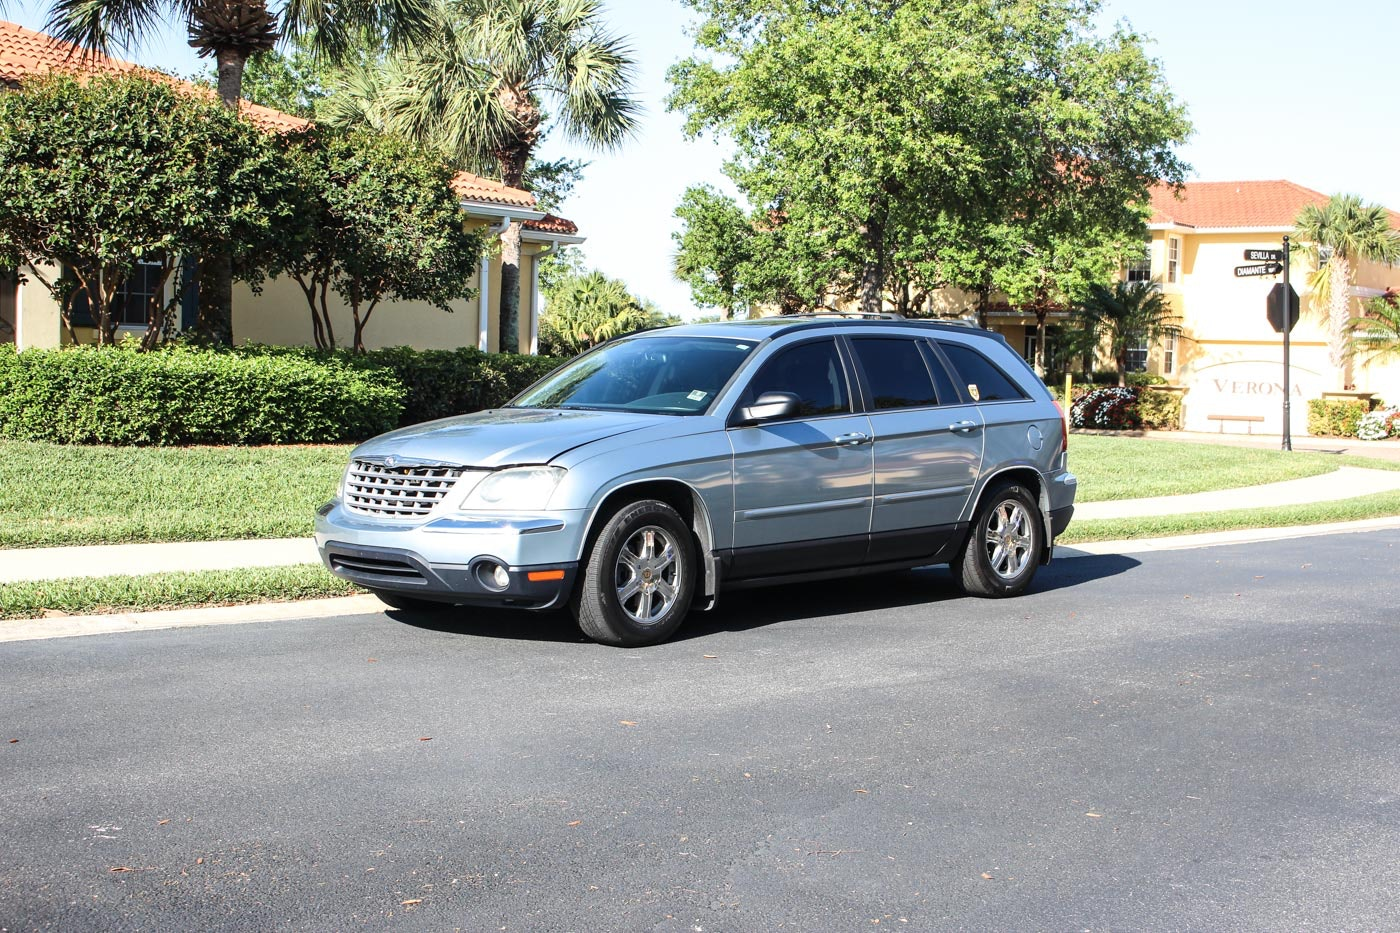 2004 Light Blue Chrysler Pacifica